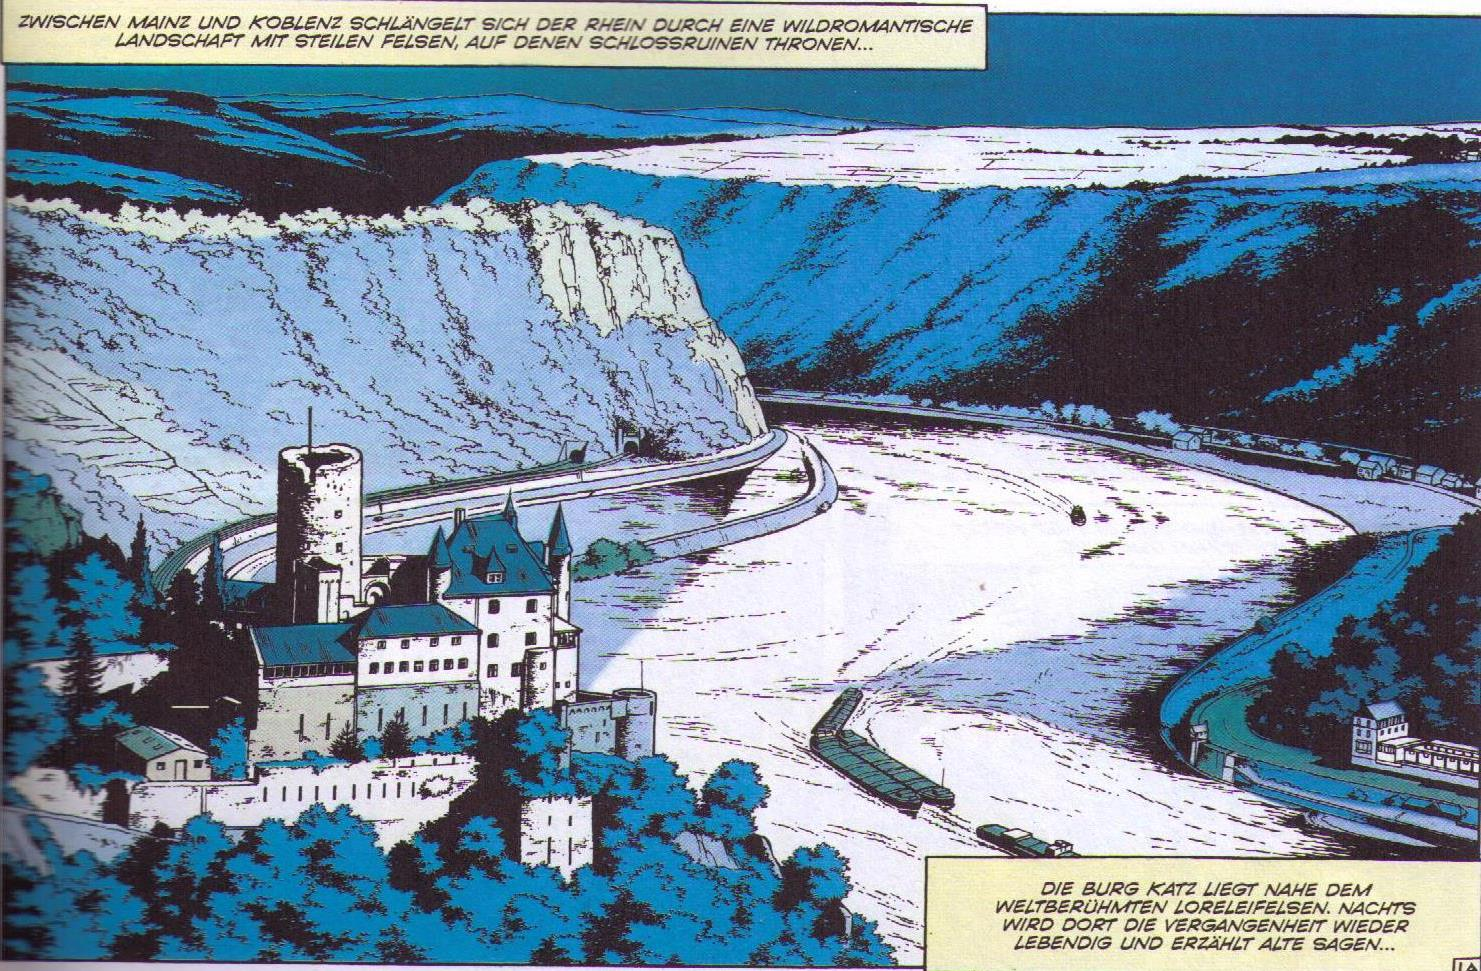 Die Burg, der Kran, die Teufelsorgel. Sankt Goarshausen im Comic, 1972